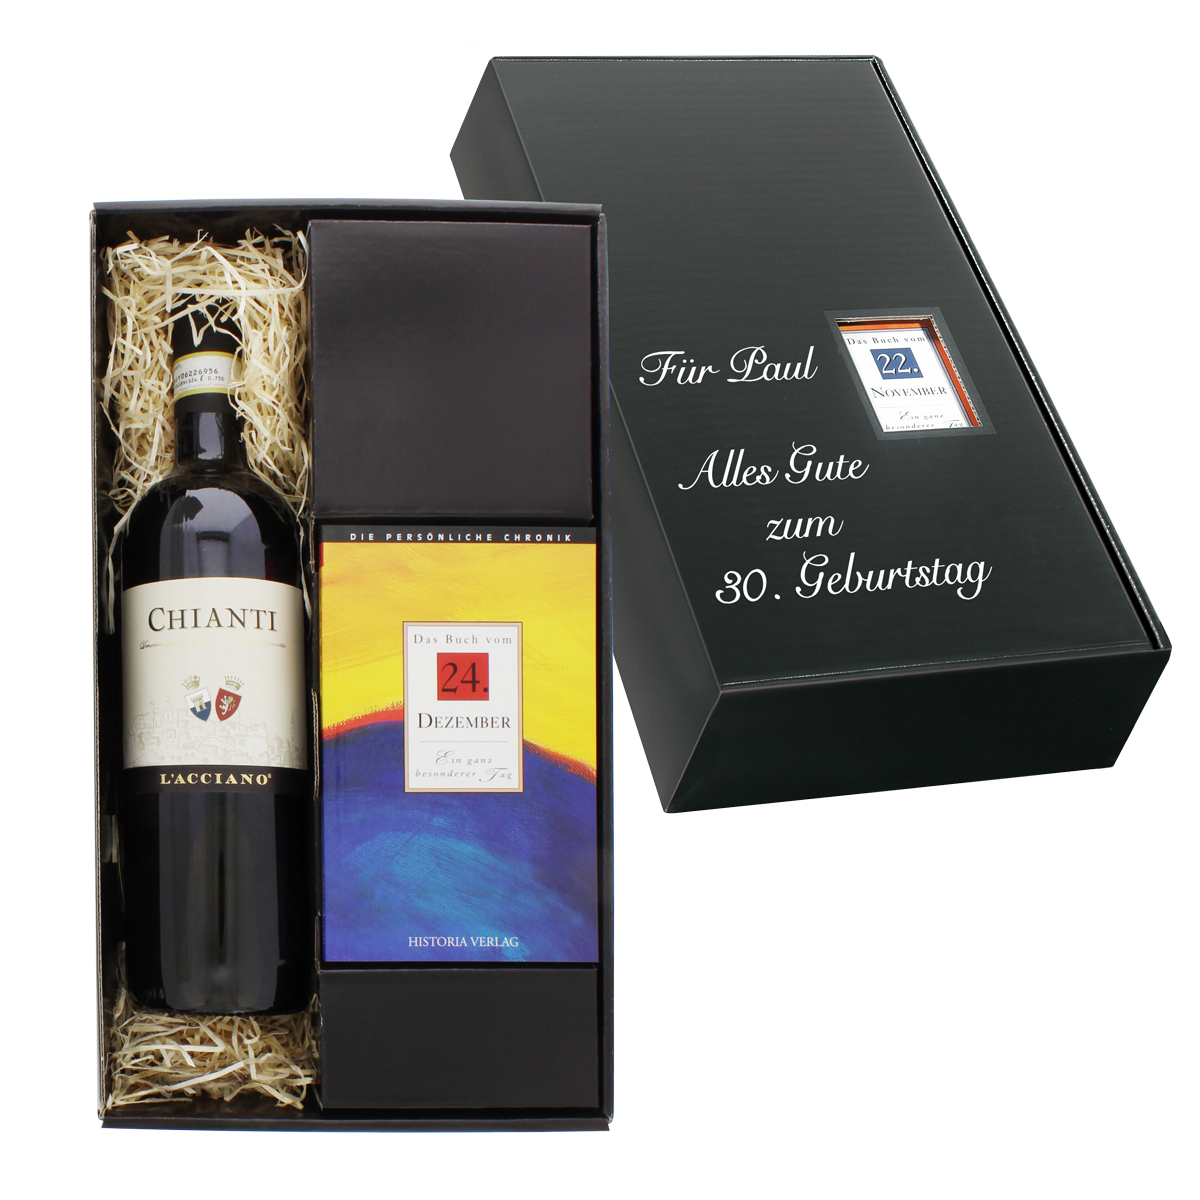 Italien-Set: Tageschronik vom 14. November & Chianti-Wein